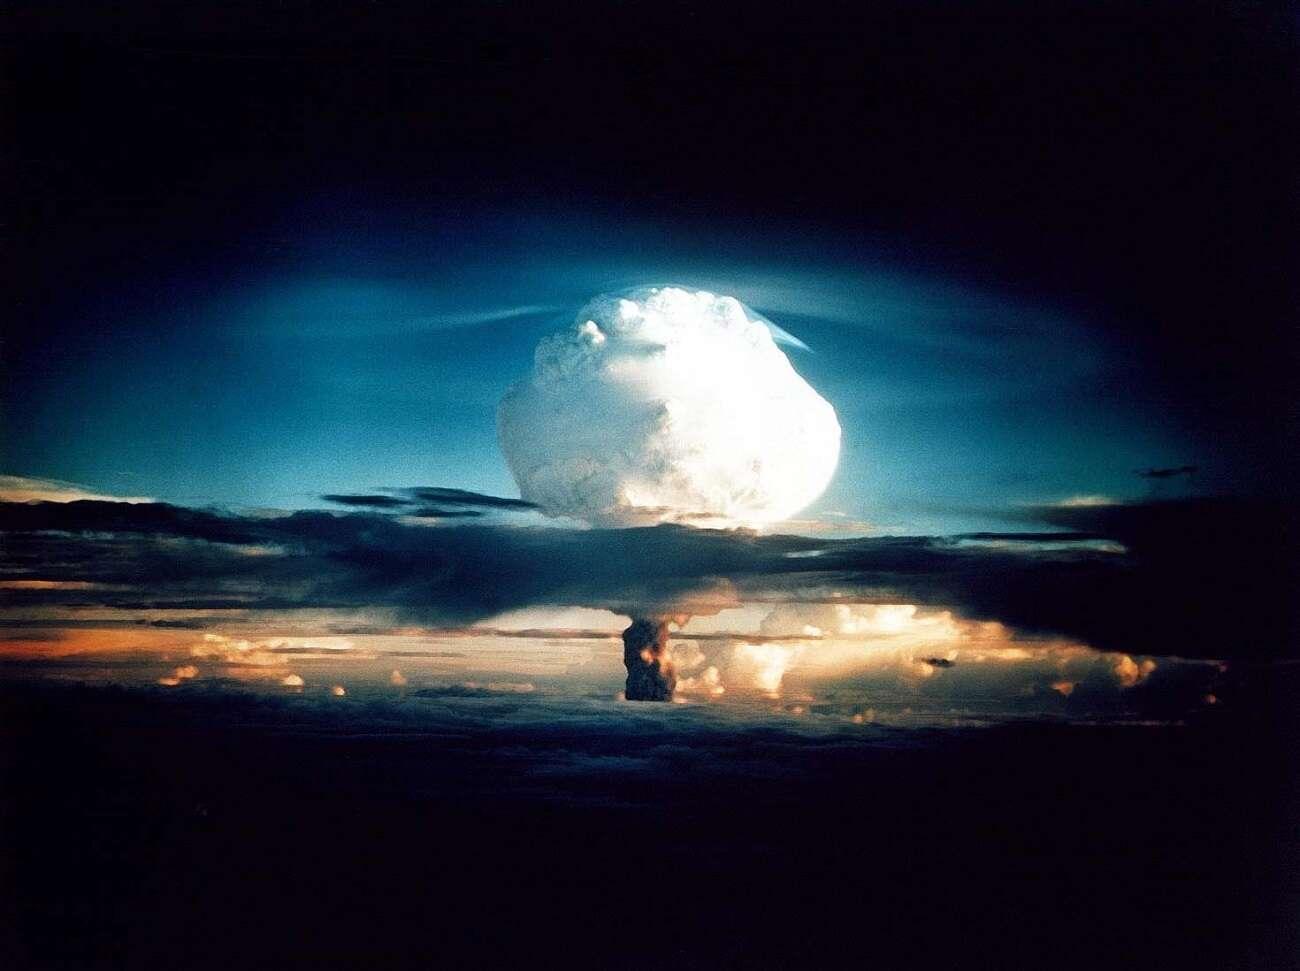 Czy opad nuklearny może wywołać deszcz?